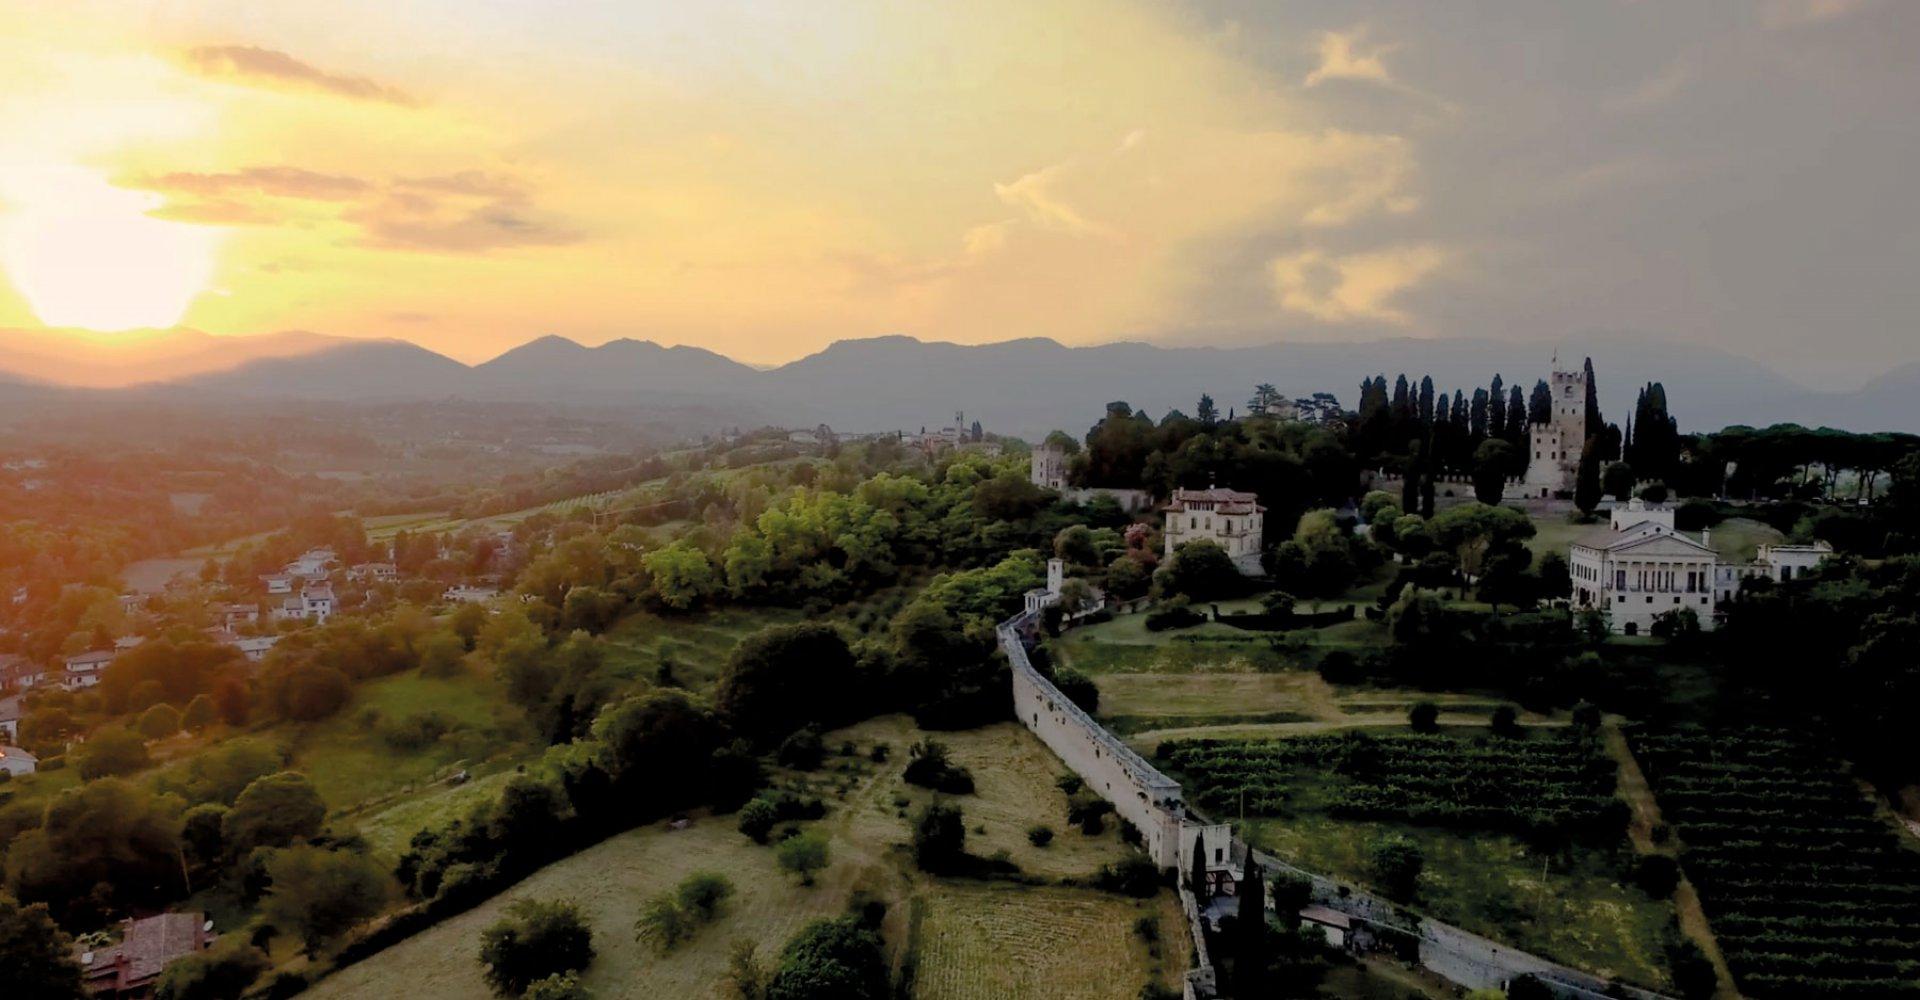 visit-conegliano-website-turismo-cover-image